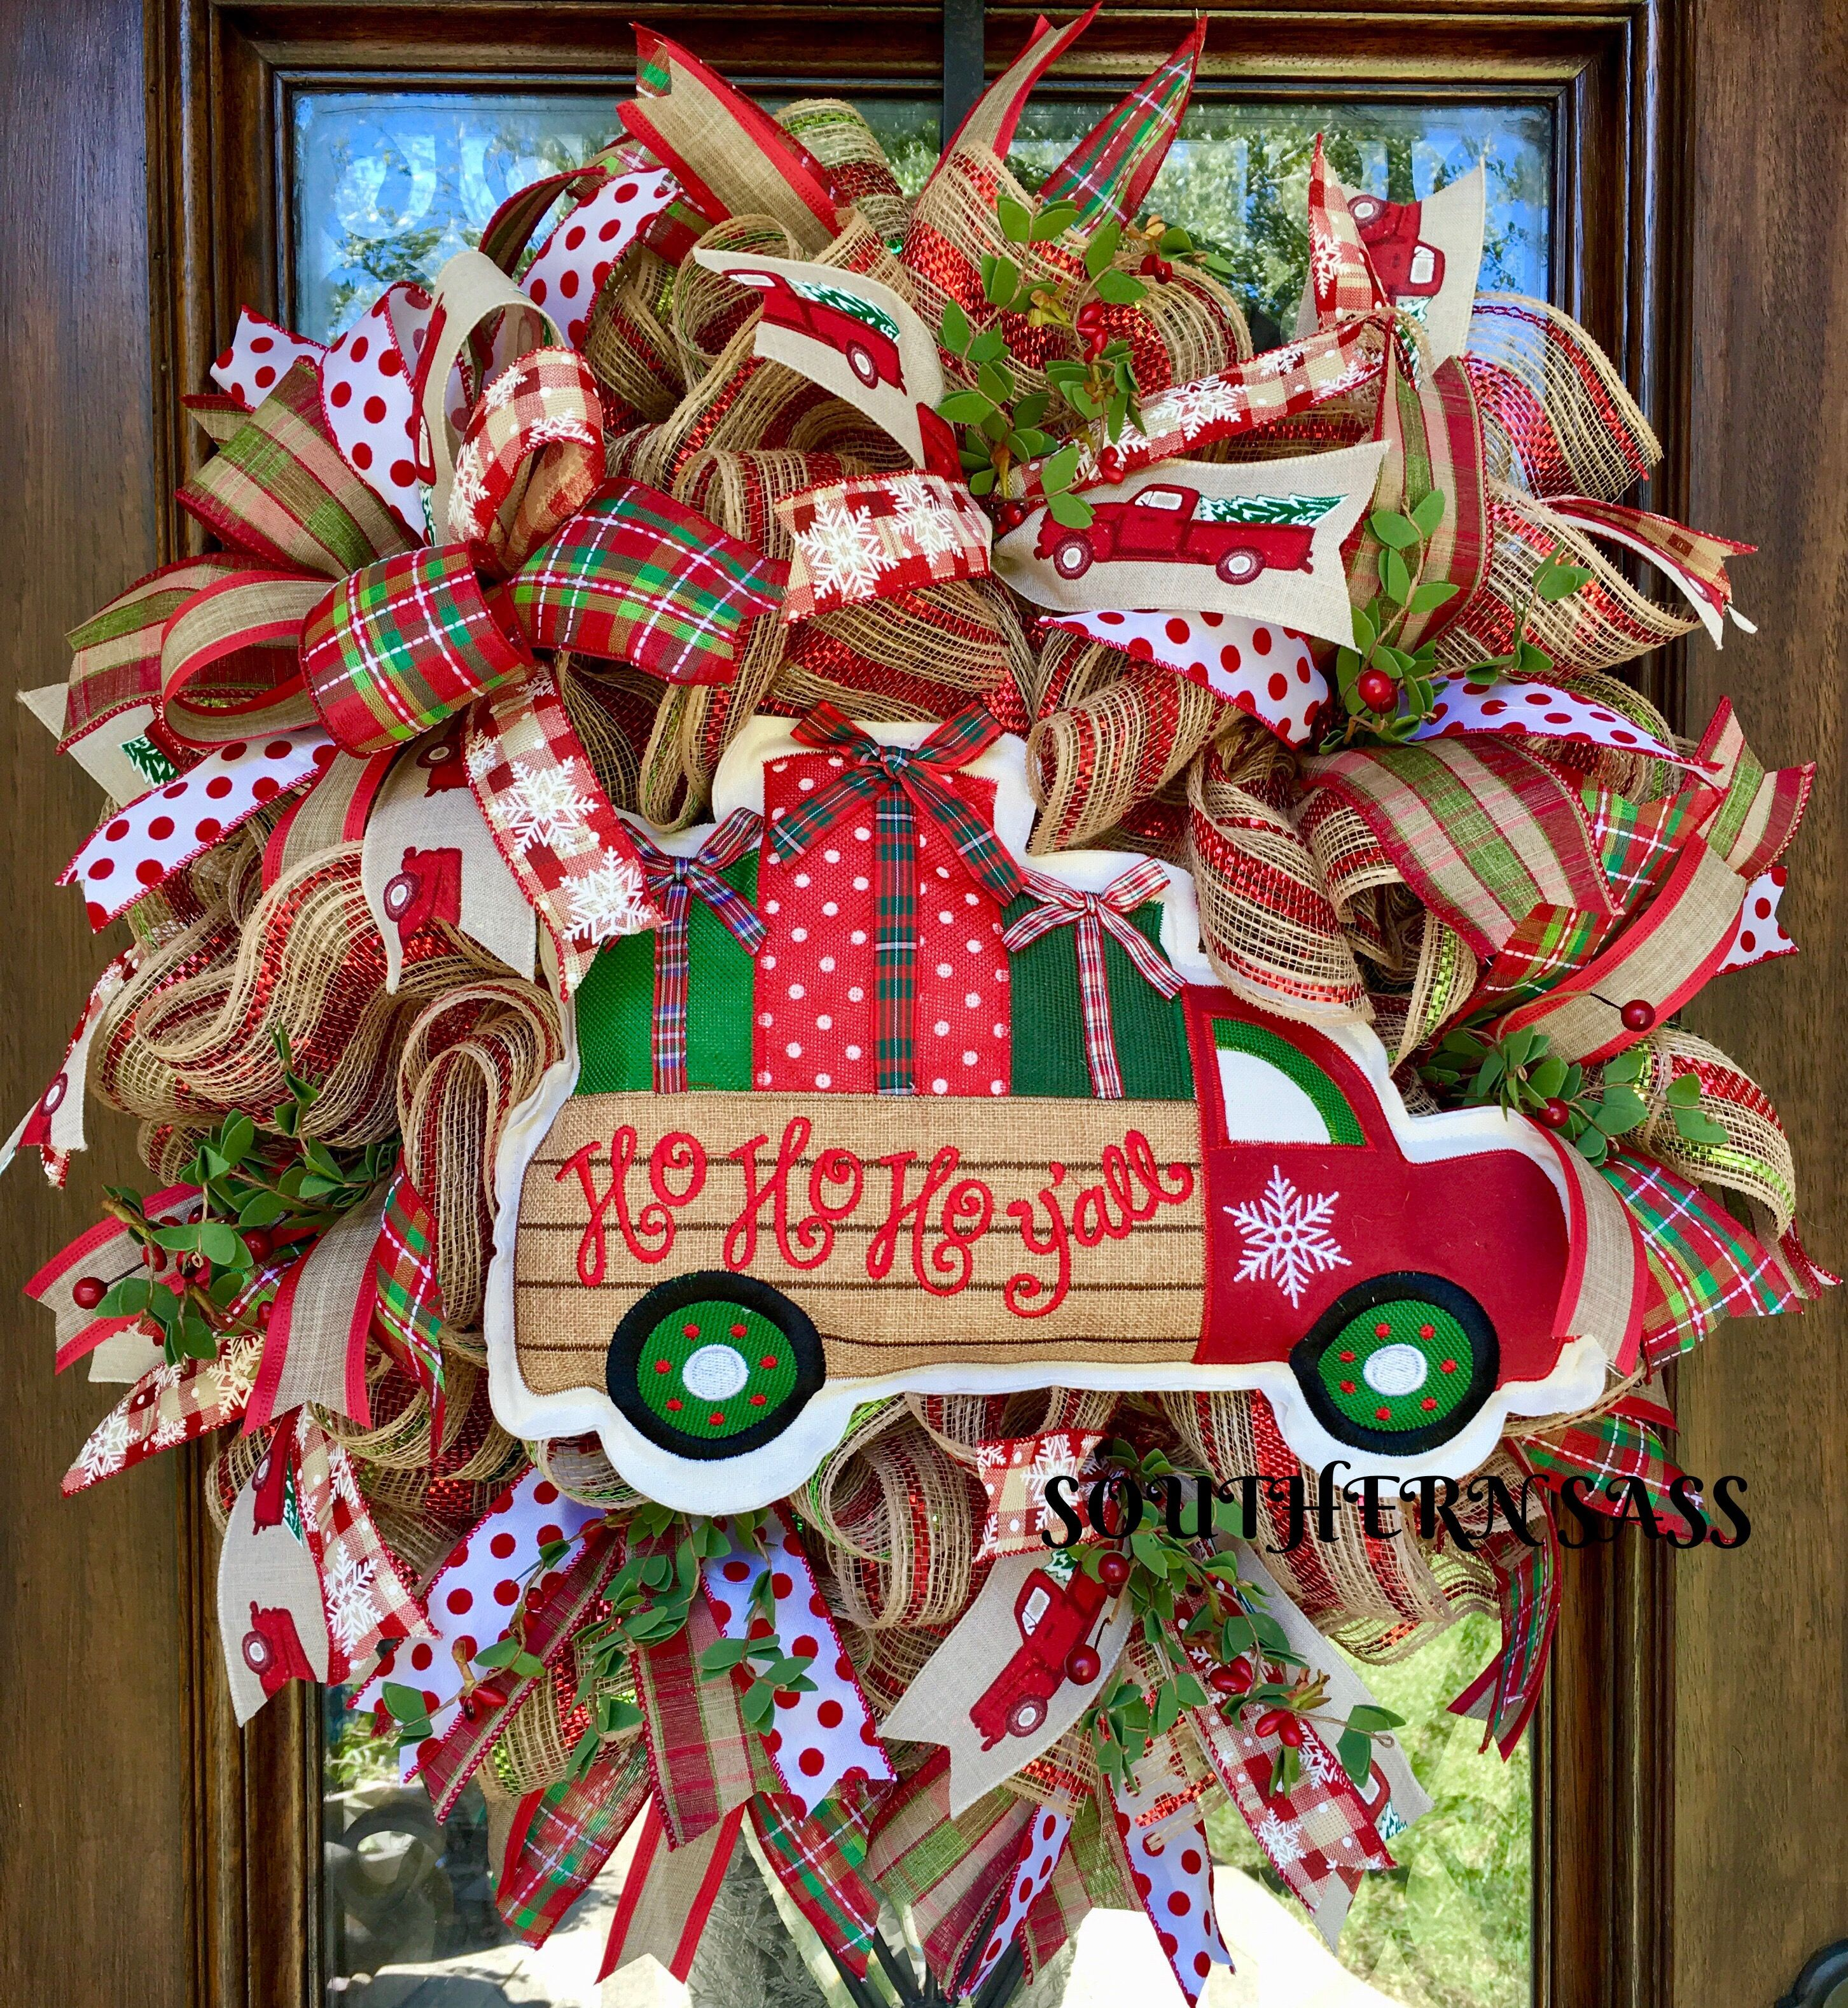 Vintage truck christmas wreath vintage truck ho ho ho wreath